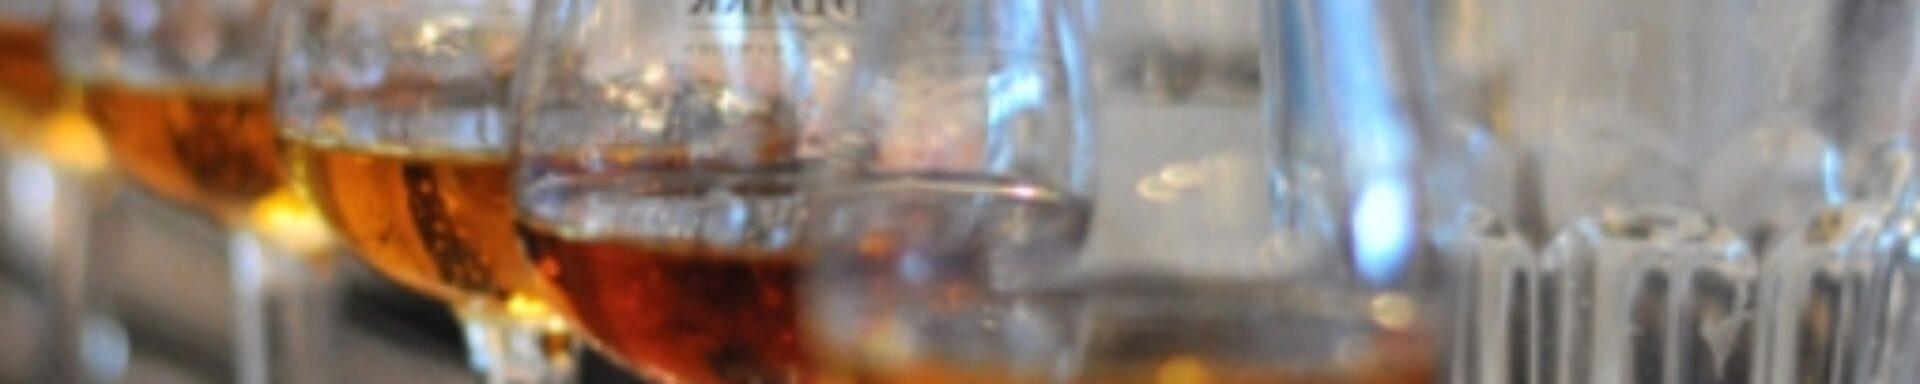 WhiskyWhisky.se